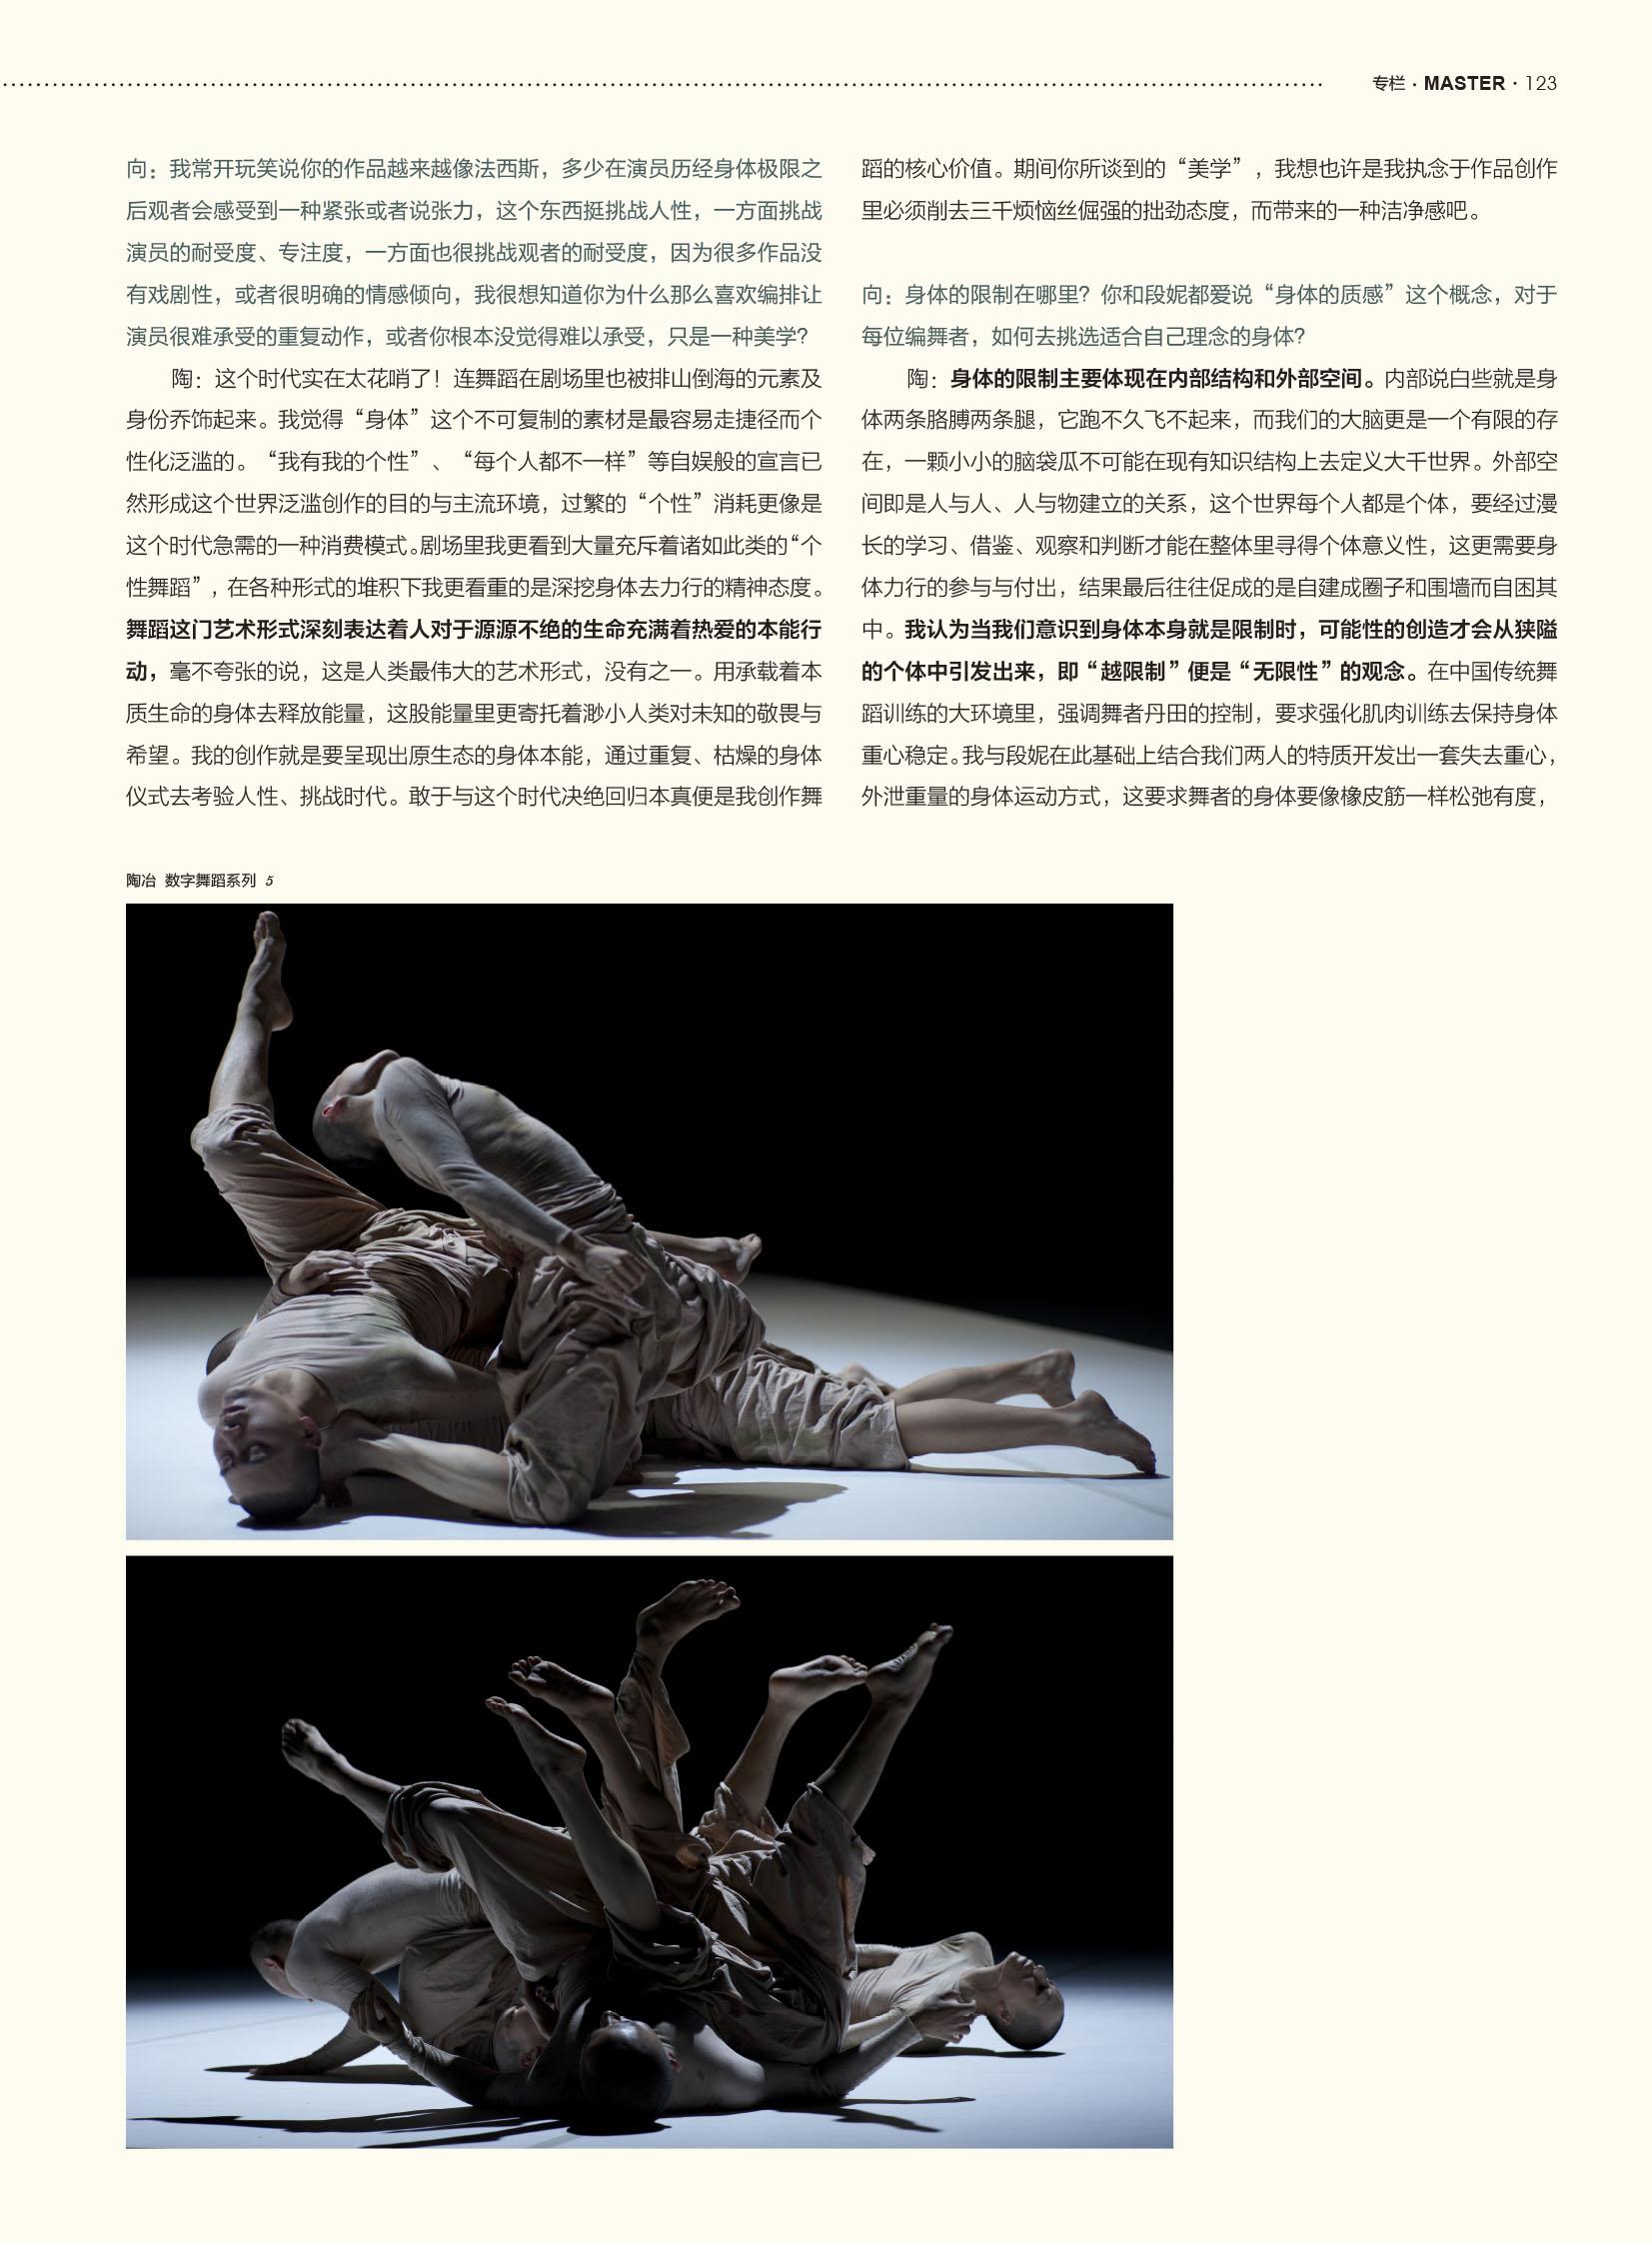 陶冶-4.jpg